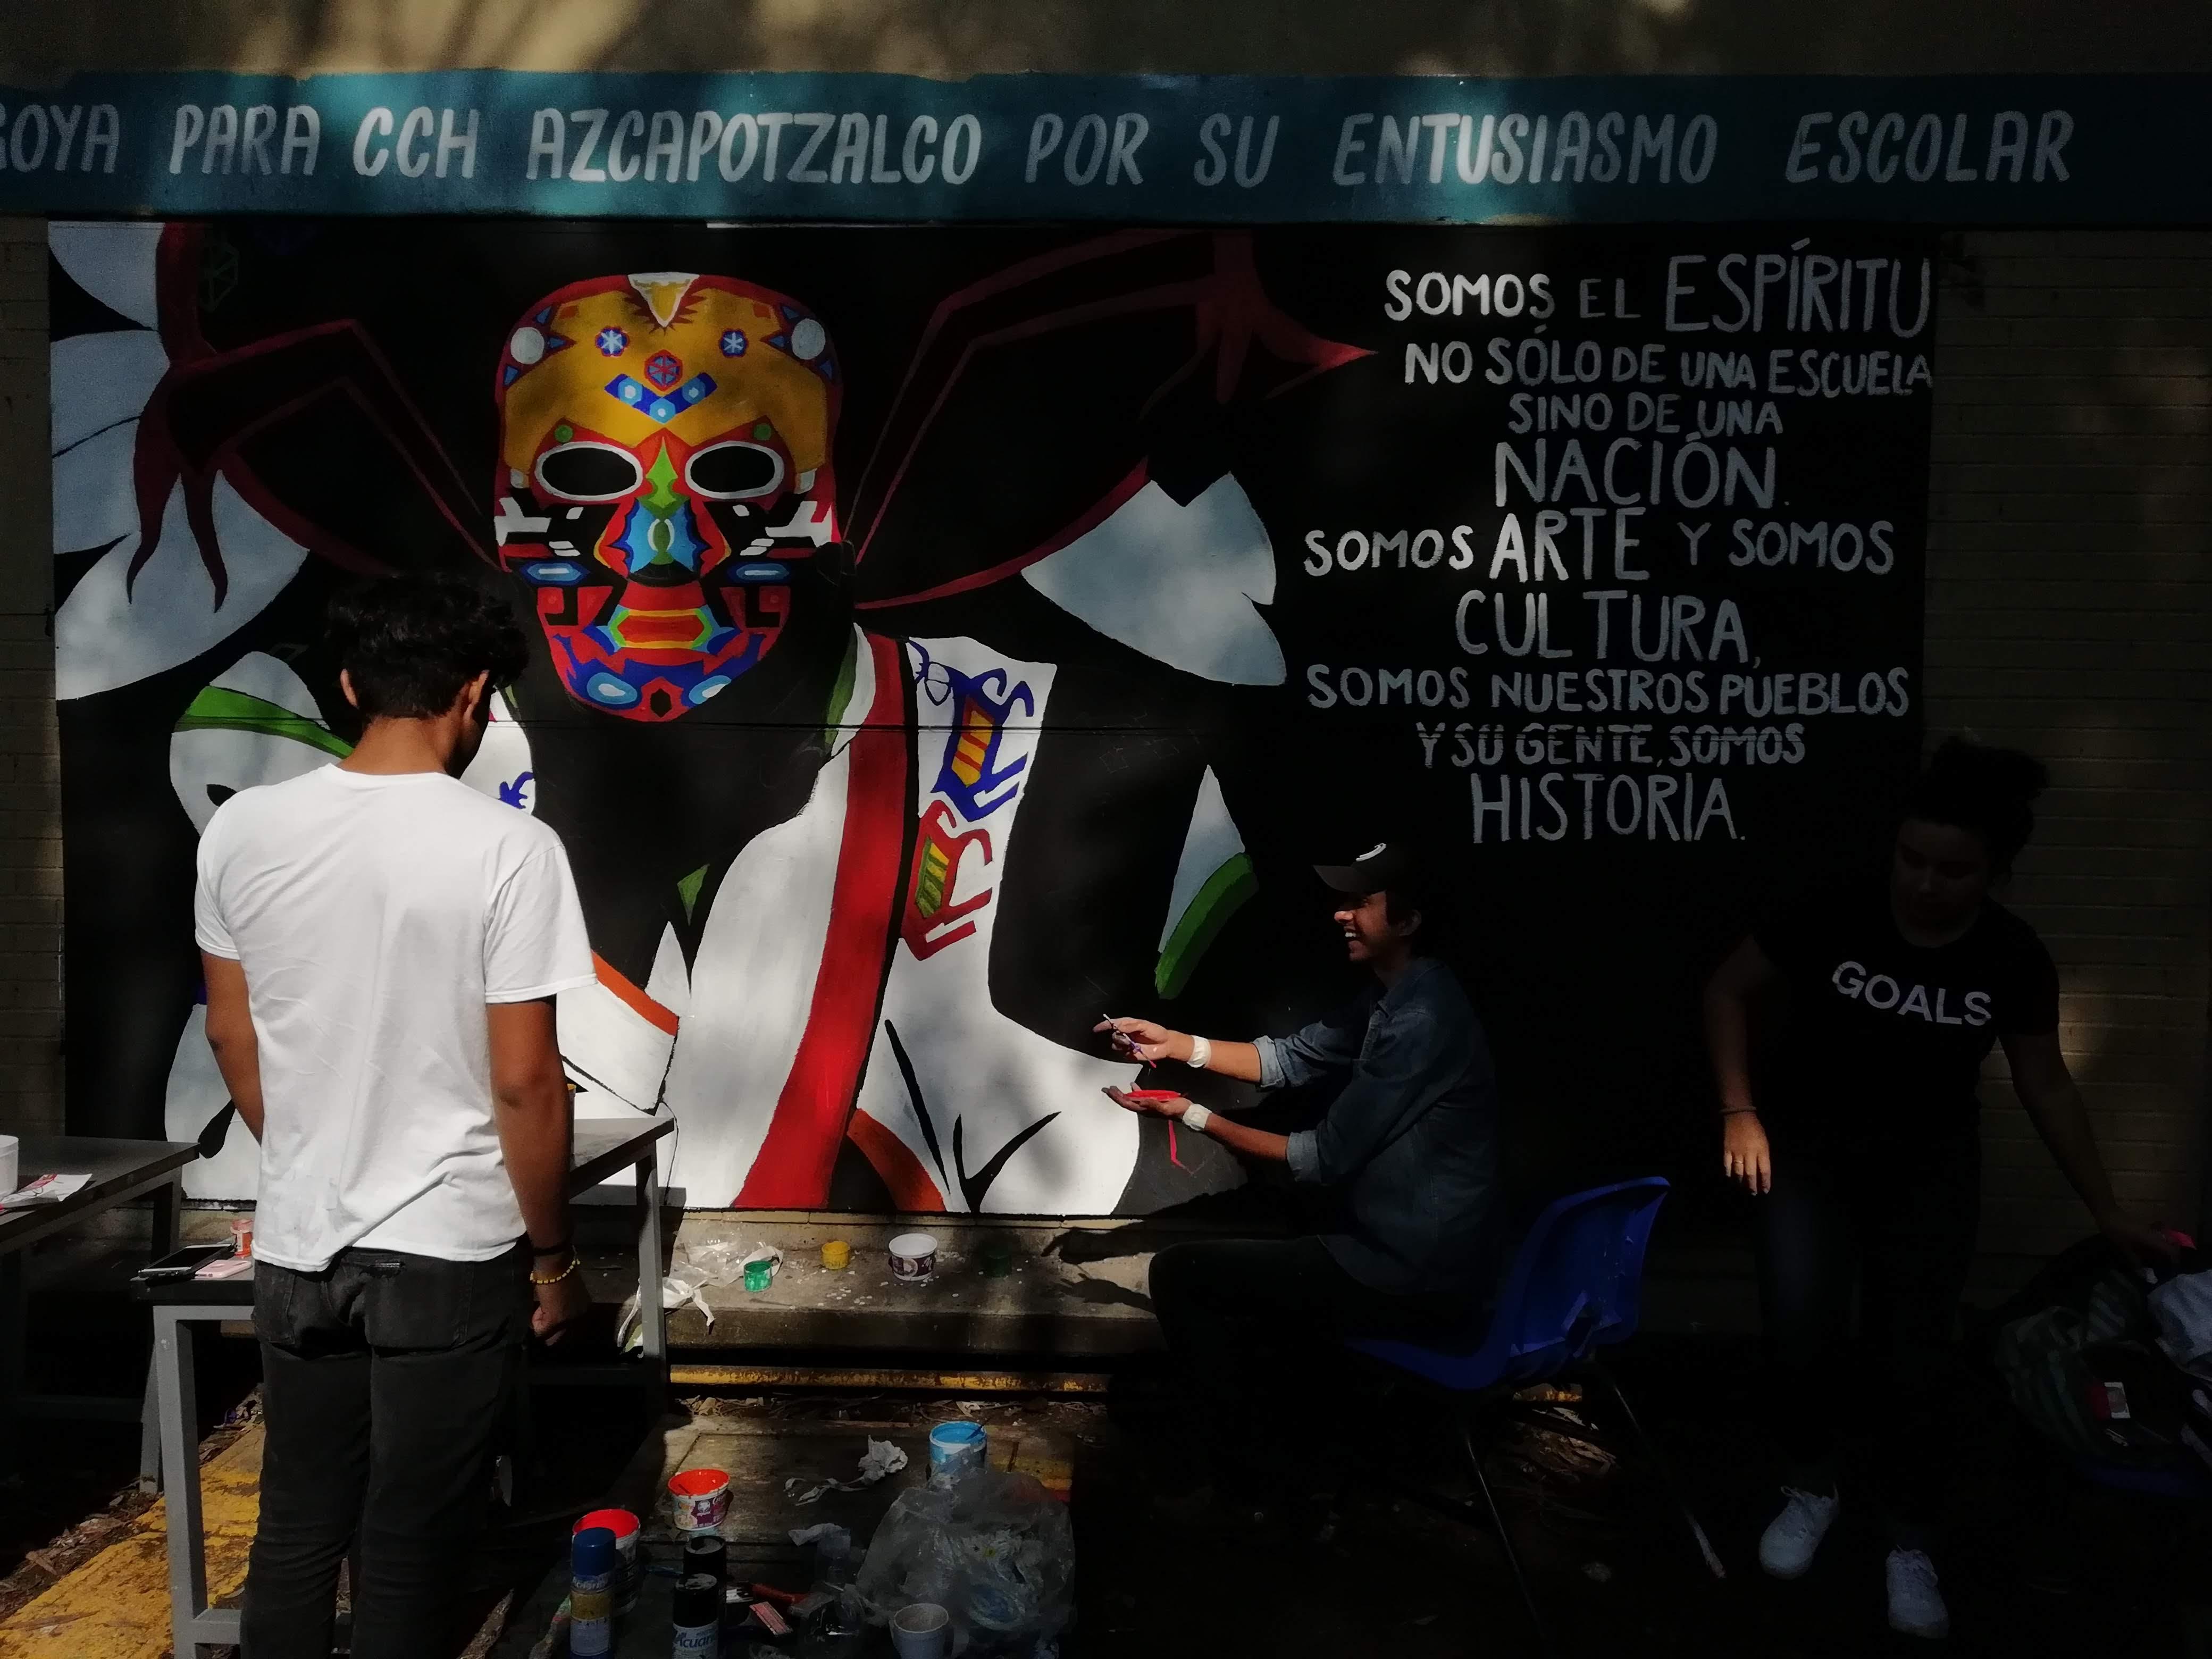 En la mañana los estudiantes del CCH Azcapo pintan sus muros con rebeldía; en la tarde los porros lanzan bombas molotov y petardos.